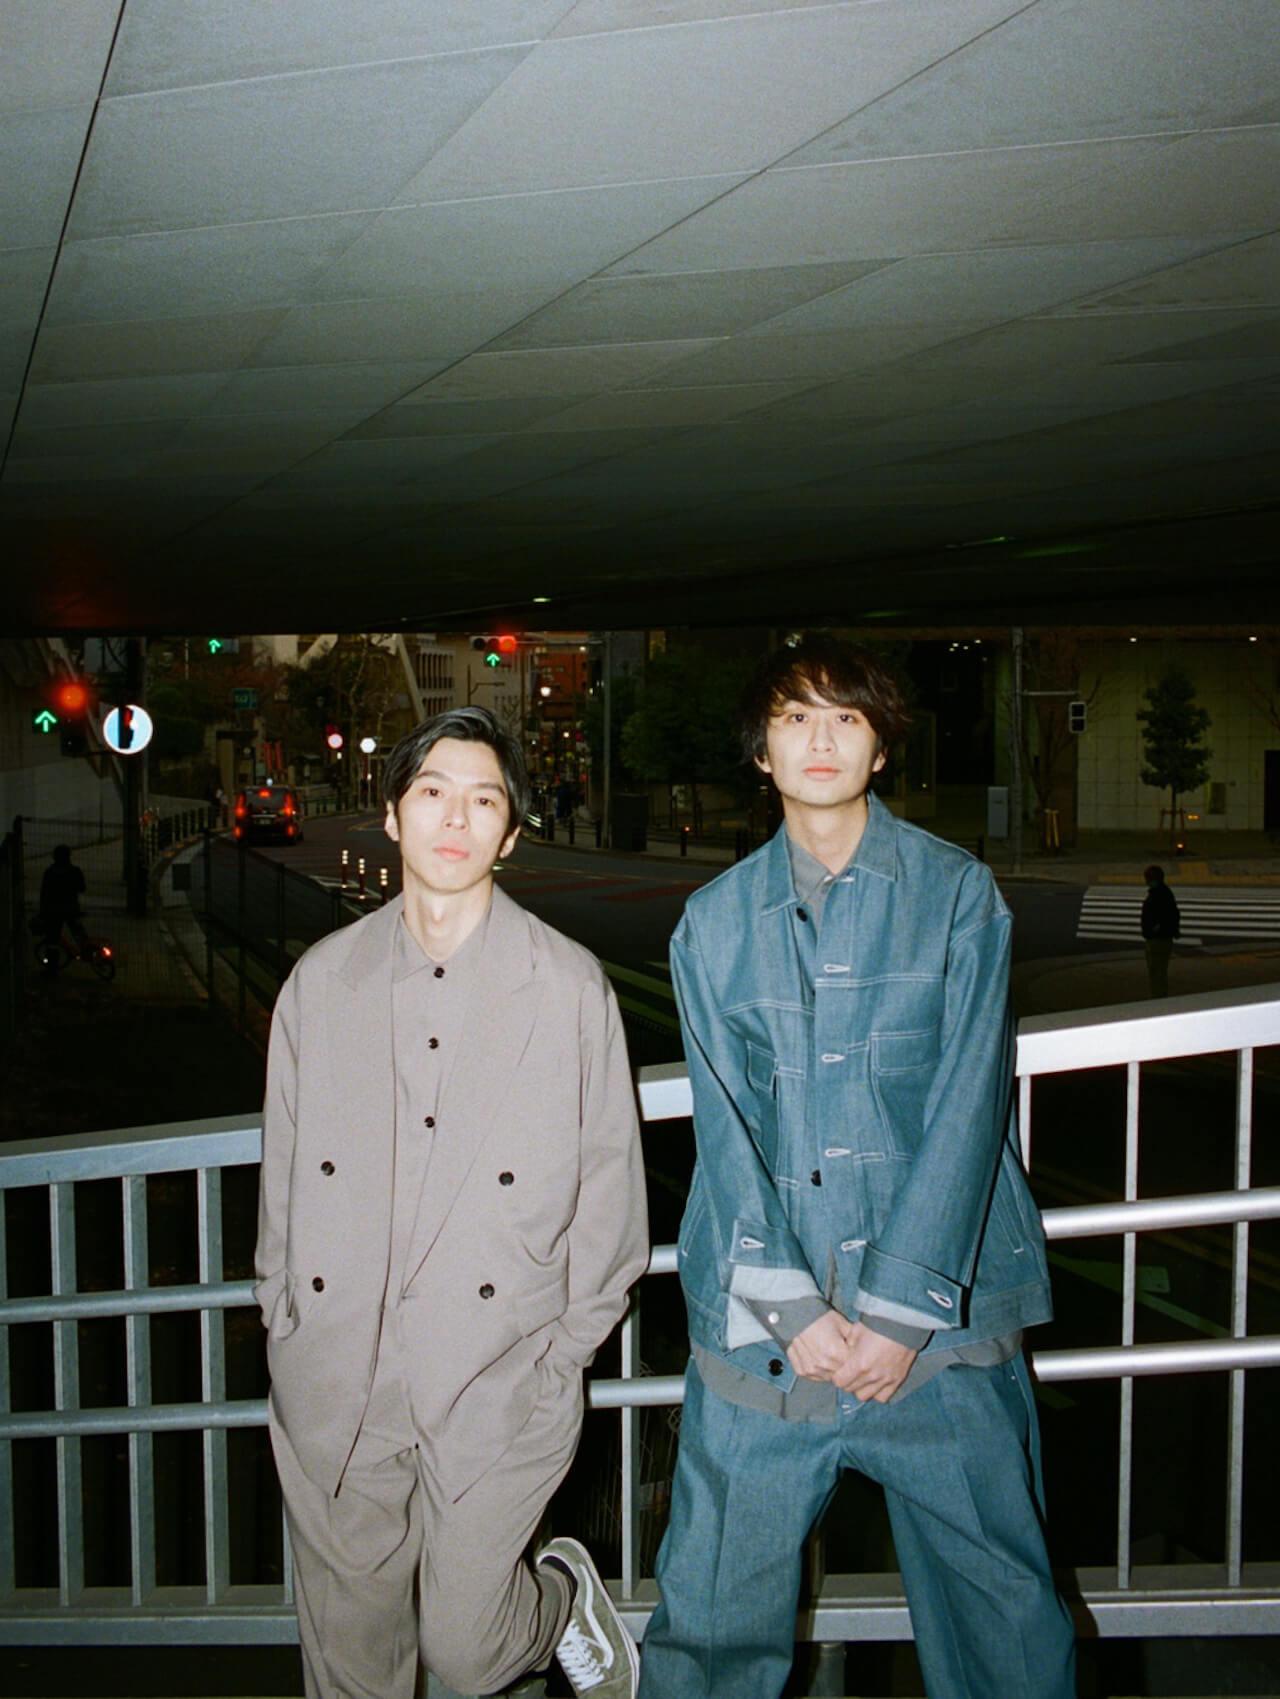 山本幹宗&永嶋柊吾による新バンドsunsite、デビューアルバム『Buenos!』を5月5日にリリース music210312-sunsite-1